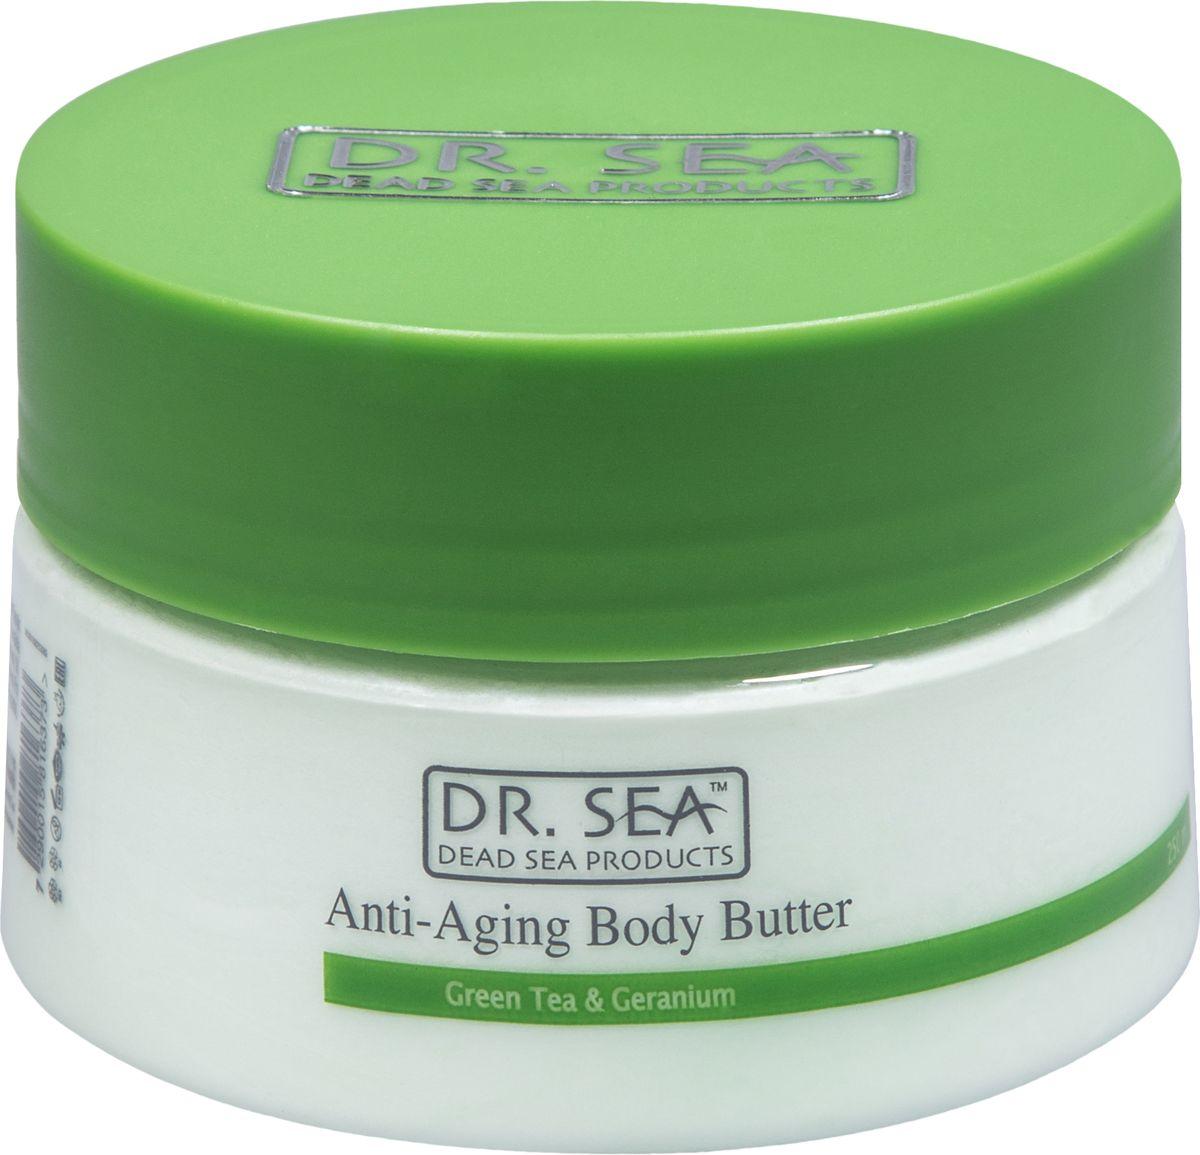 Dr.Sea Масло для тела против старения-зеленый чай и герань, 250 млFS-00103Ежедневное применение масла для тела Dr. Sea позволяет коже эффективно противостоять процессу старения, повышает ее эластичность и упругость. Содержит минералы Мертвого моря, натуральные эфирные и растительные масла, а также витамины C и E, жирные кислоты омега-3 и омега-6. Способствует предотвращению растяжек, рекомендуется к применению в период диеты или беременности. Способ применения: после каждого принятия ванны или душа наносите на кожу массирующими движениями и втирайте до полного впитывания.Основу косметики Dr. Sea составляют минералы, грязи и органические вытяжки Мертвого моря, а также натуральные растительные экстракты. Косметические средства Dr. Sea разрабатываются и производятся исключительно на территории Израиля в новейших технологических условиях, позволяющих максимально раскрыть и сохранить целебные свойства природных компонентов. Ни в одном из препаратов не содержится парааминобензойная кислота (так называемый парабен), а в составе шампуней и гелей для душа не используется Sodium Lauryl Sulfate. Уникальность минеральной косметики Dr. Sea состоит в том, что все компоненты, входящие в рецептуру, натуральные. Сочетание минералов, грязи, соли и других натуральных составляющих, усиливают целебное действие и не дают побочных эффектов. Характеристики:Объем: 250 мл. Производитель: Израиль. Товар сертифицирован.